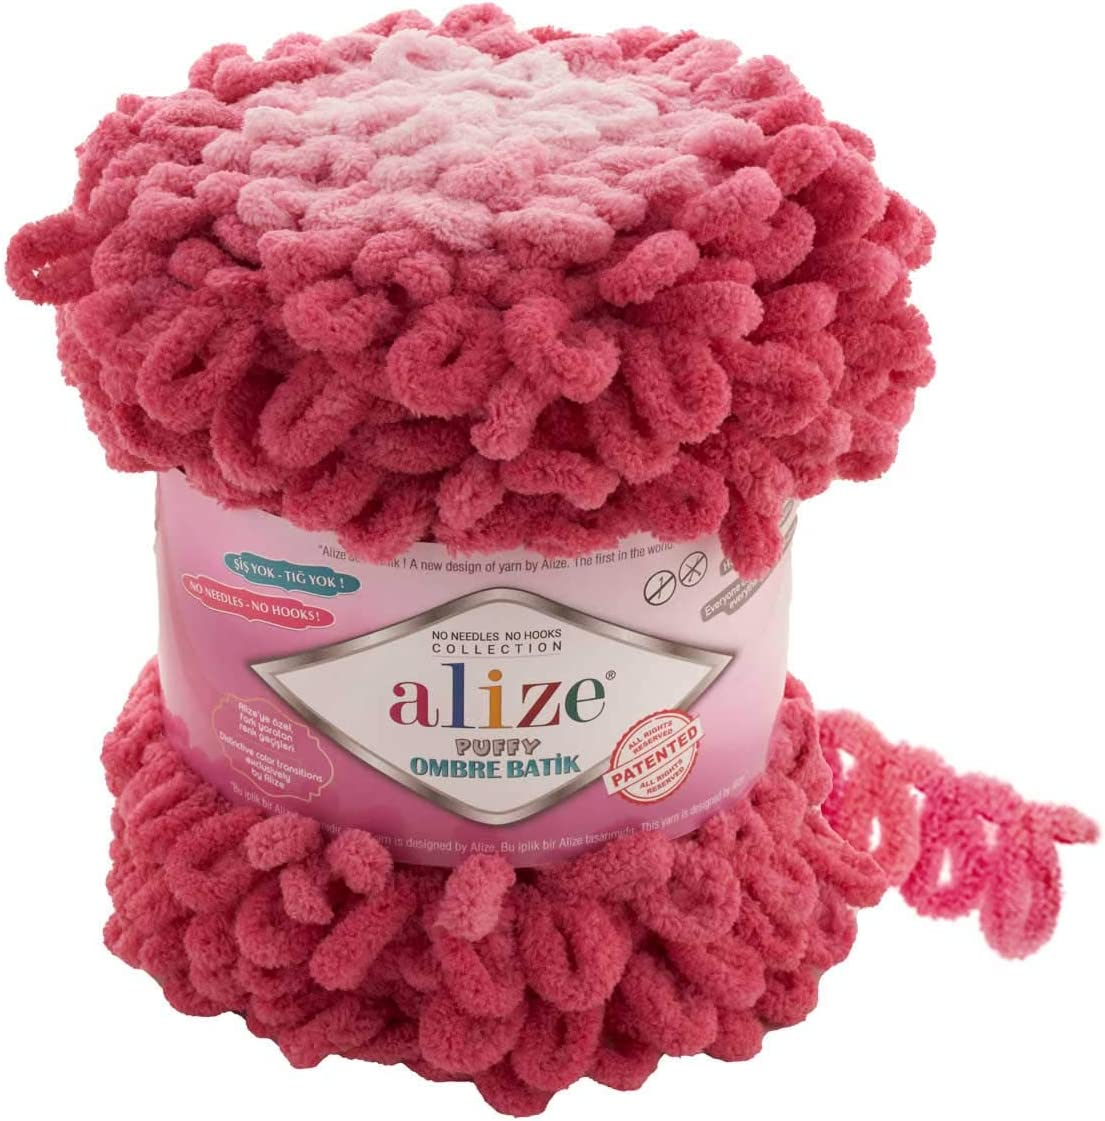 Bigger Loops Alize Puffy Ombre Batik Yarn 61yd of 600gr 1skn Sale item shop Lot